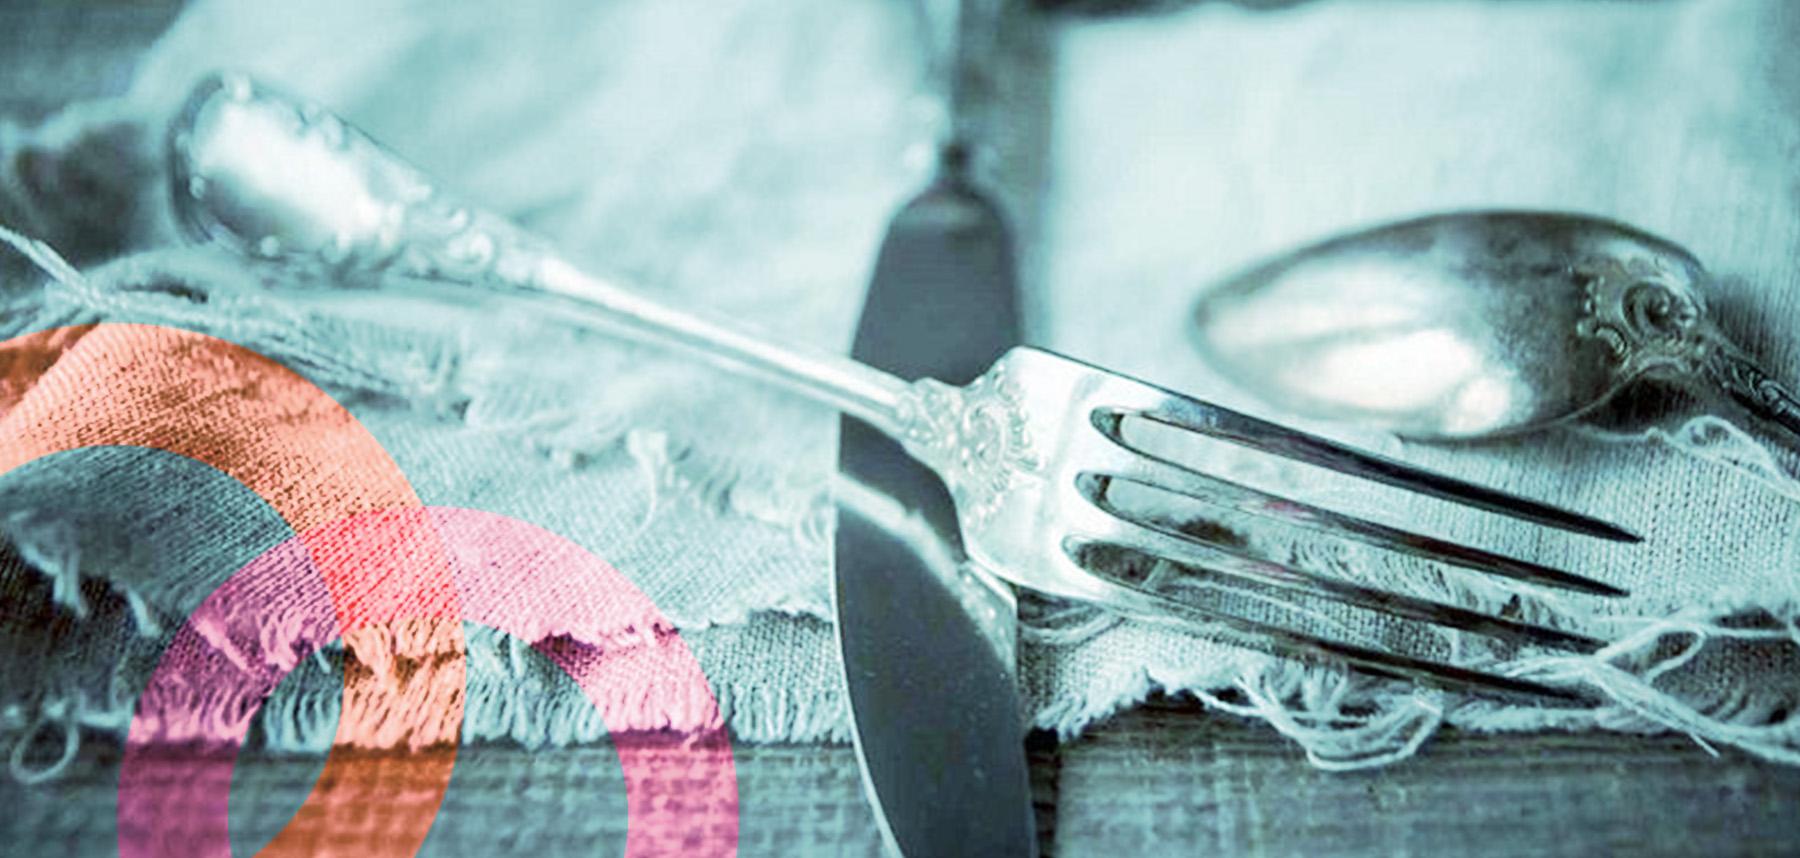 Posate Argento Come Pulirle argento che splendore: come pulire l'argento | pelati gioielli